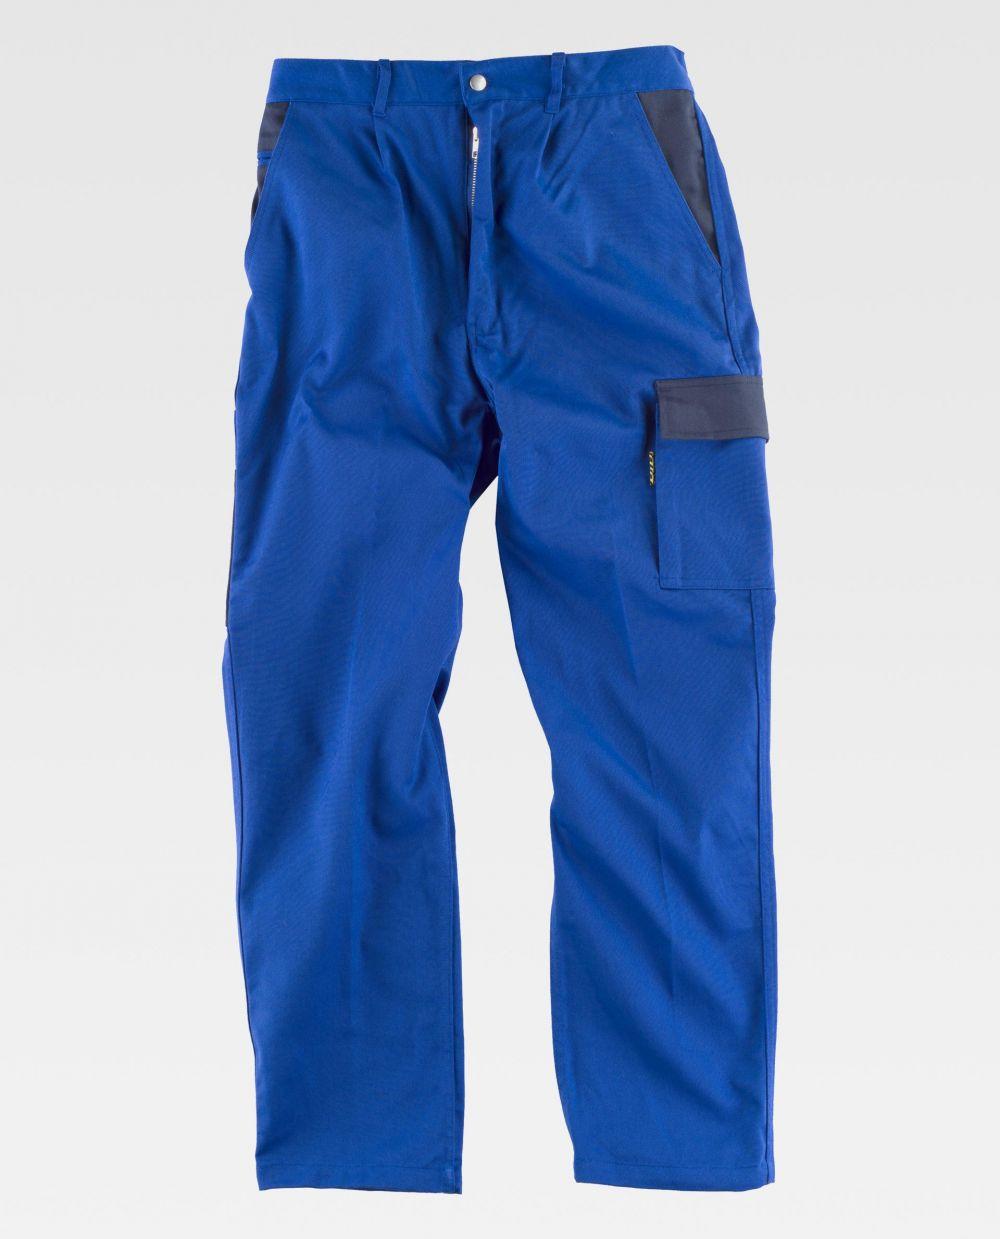 Pantalones de trabajo workteam wf1500 de poliéster vista 2